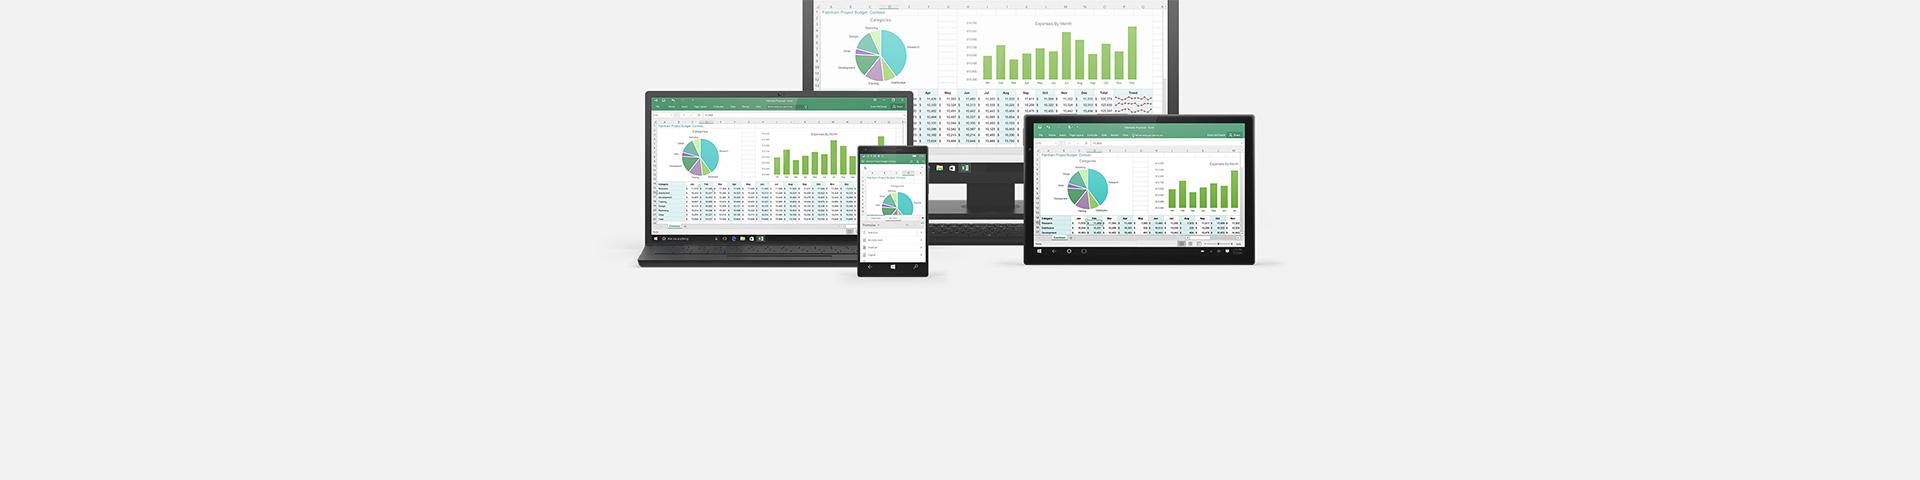 Mehrere Geräte, die ein Excel-Arbeitsblatt anzeigen